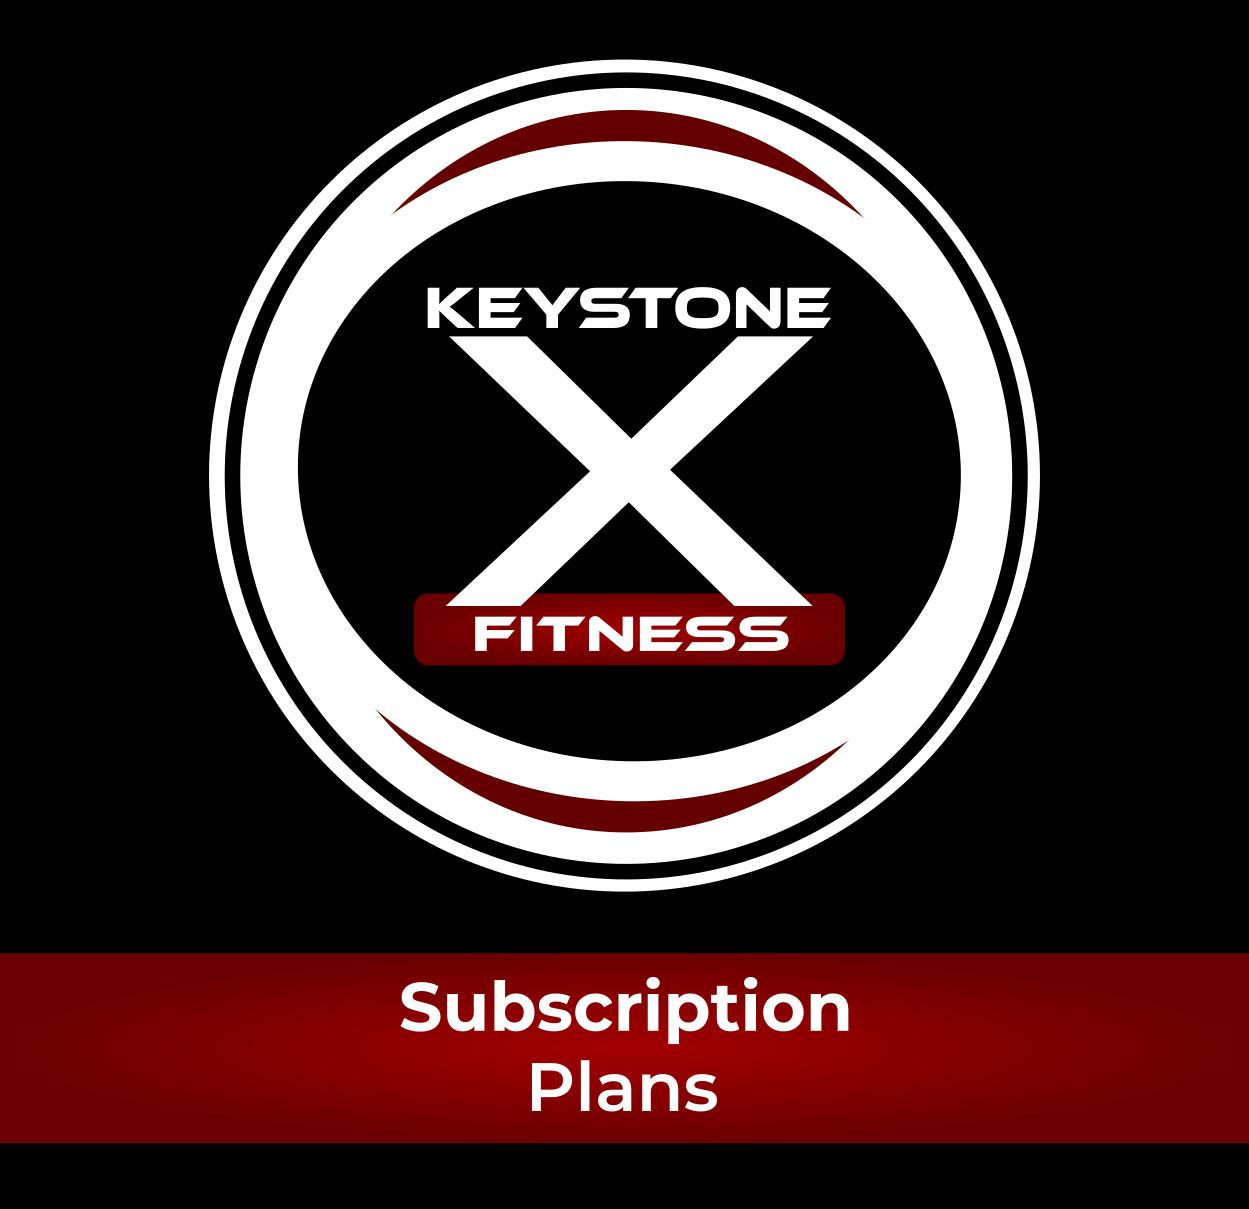 Subscription Plans